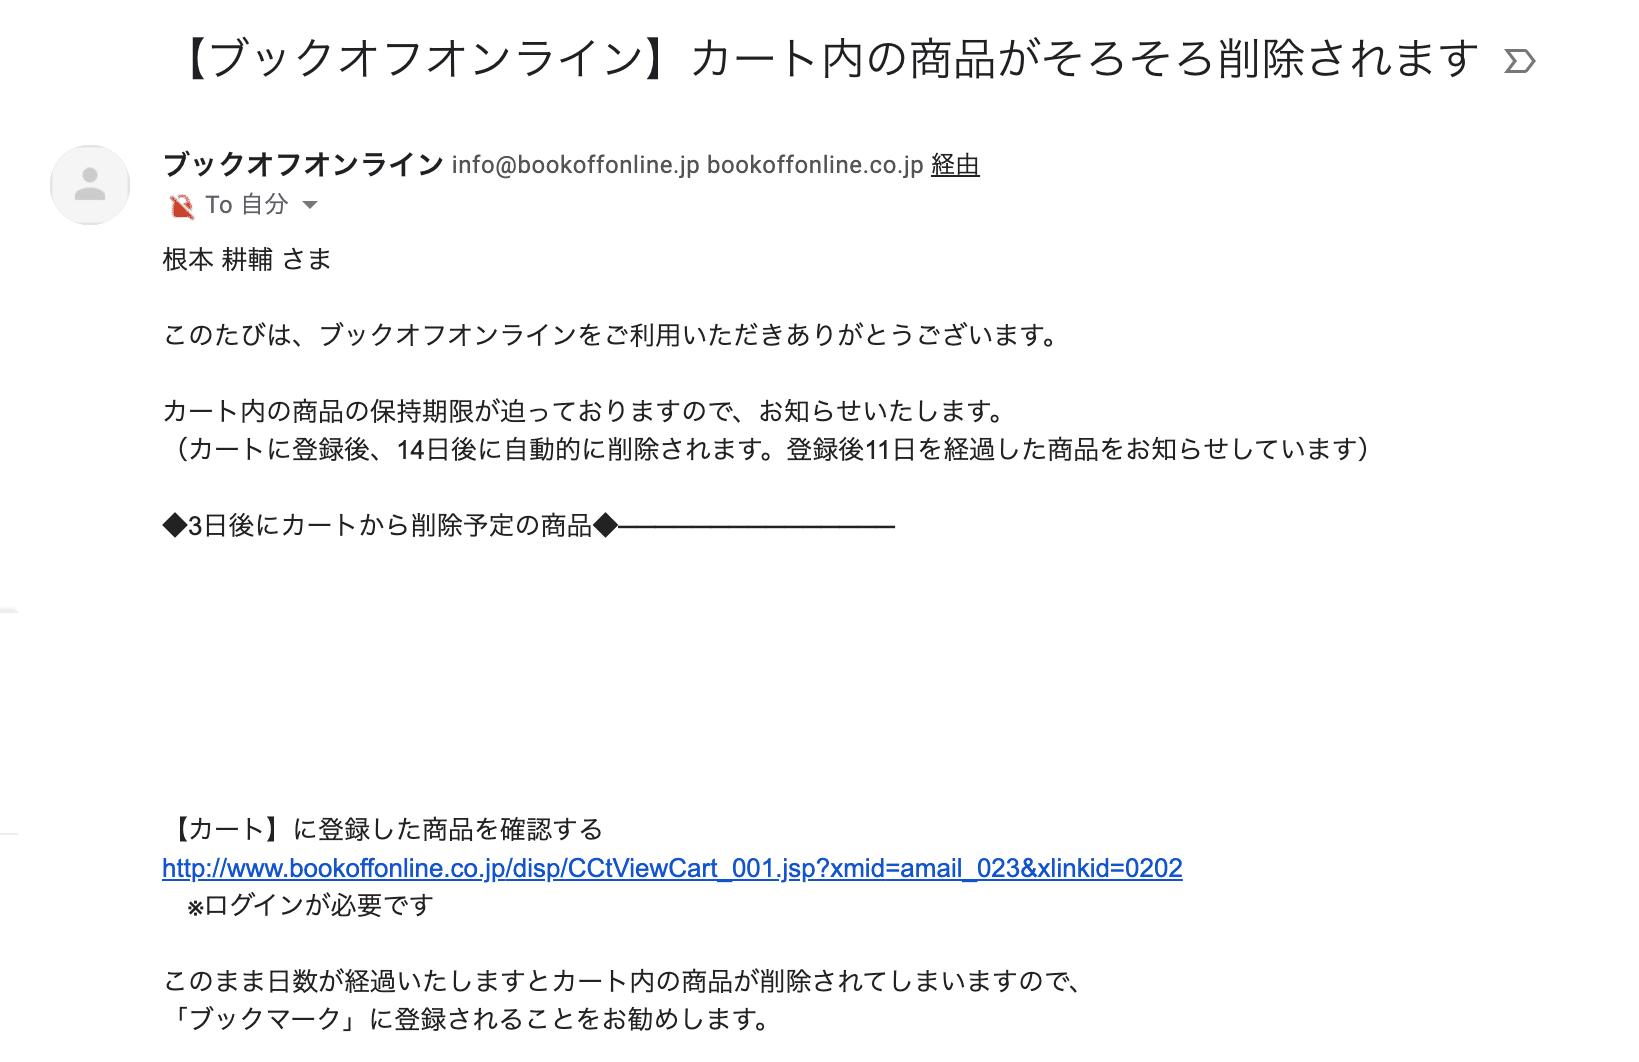 ブックオフオンラインのカゴ落ちメール